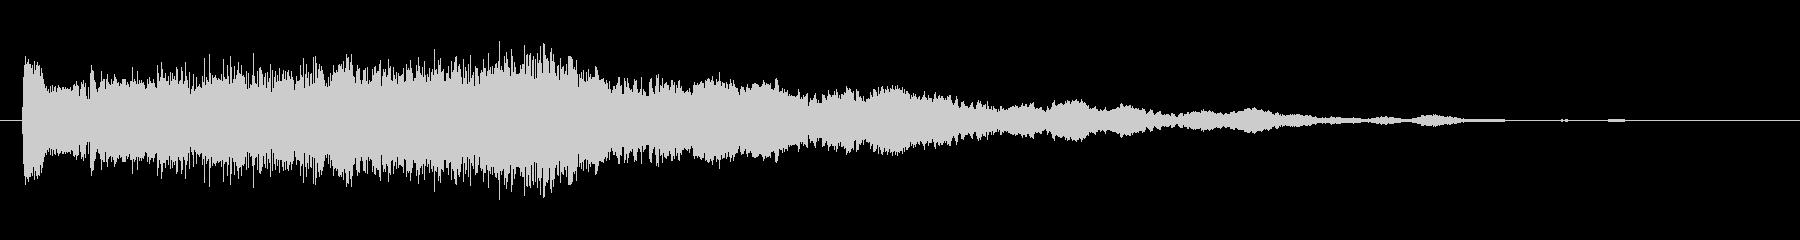 素材 Synth Hit Stea...の未再生の波形